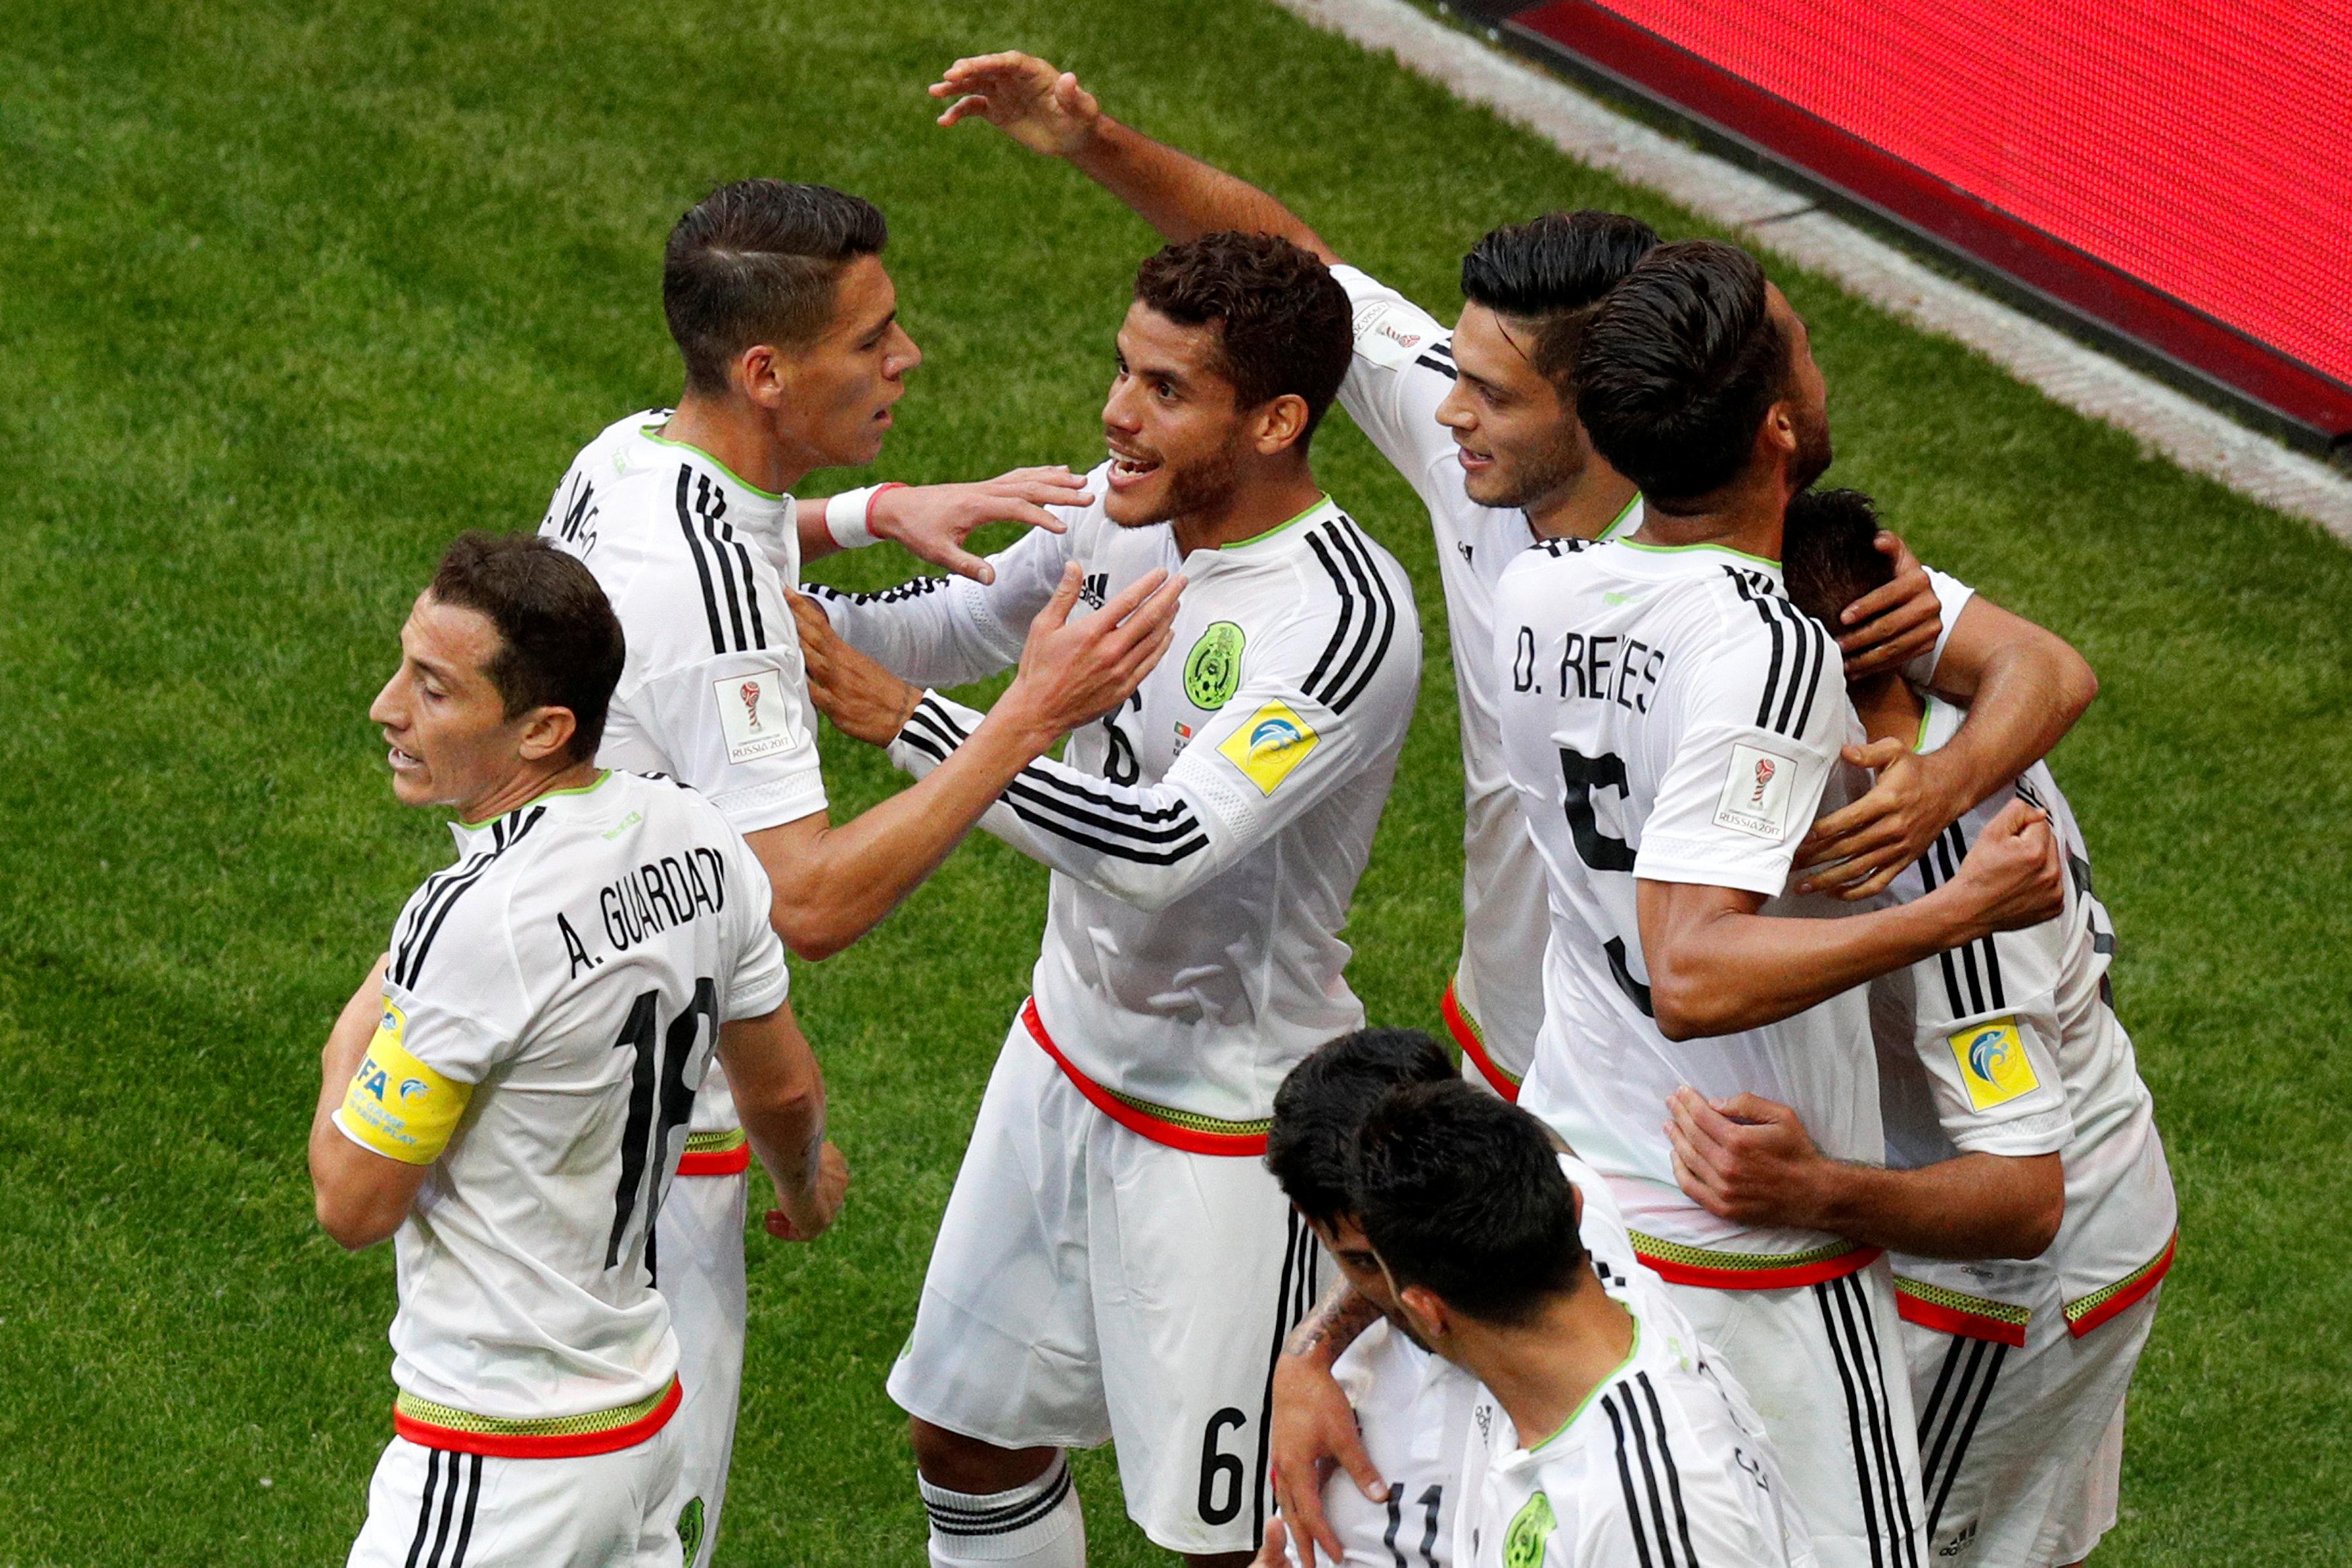 احتفال المنتخب المكسيكى